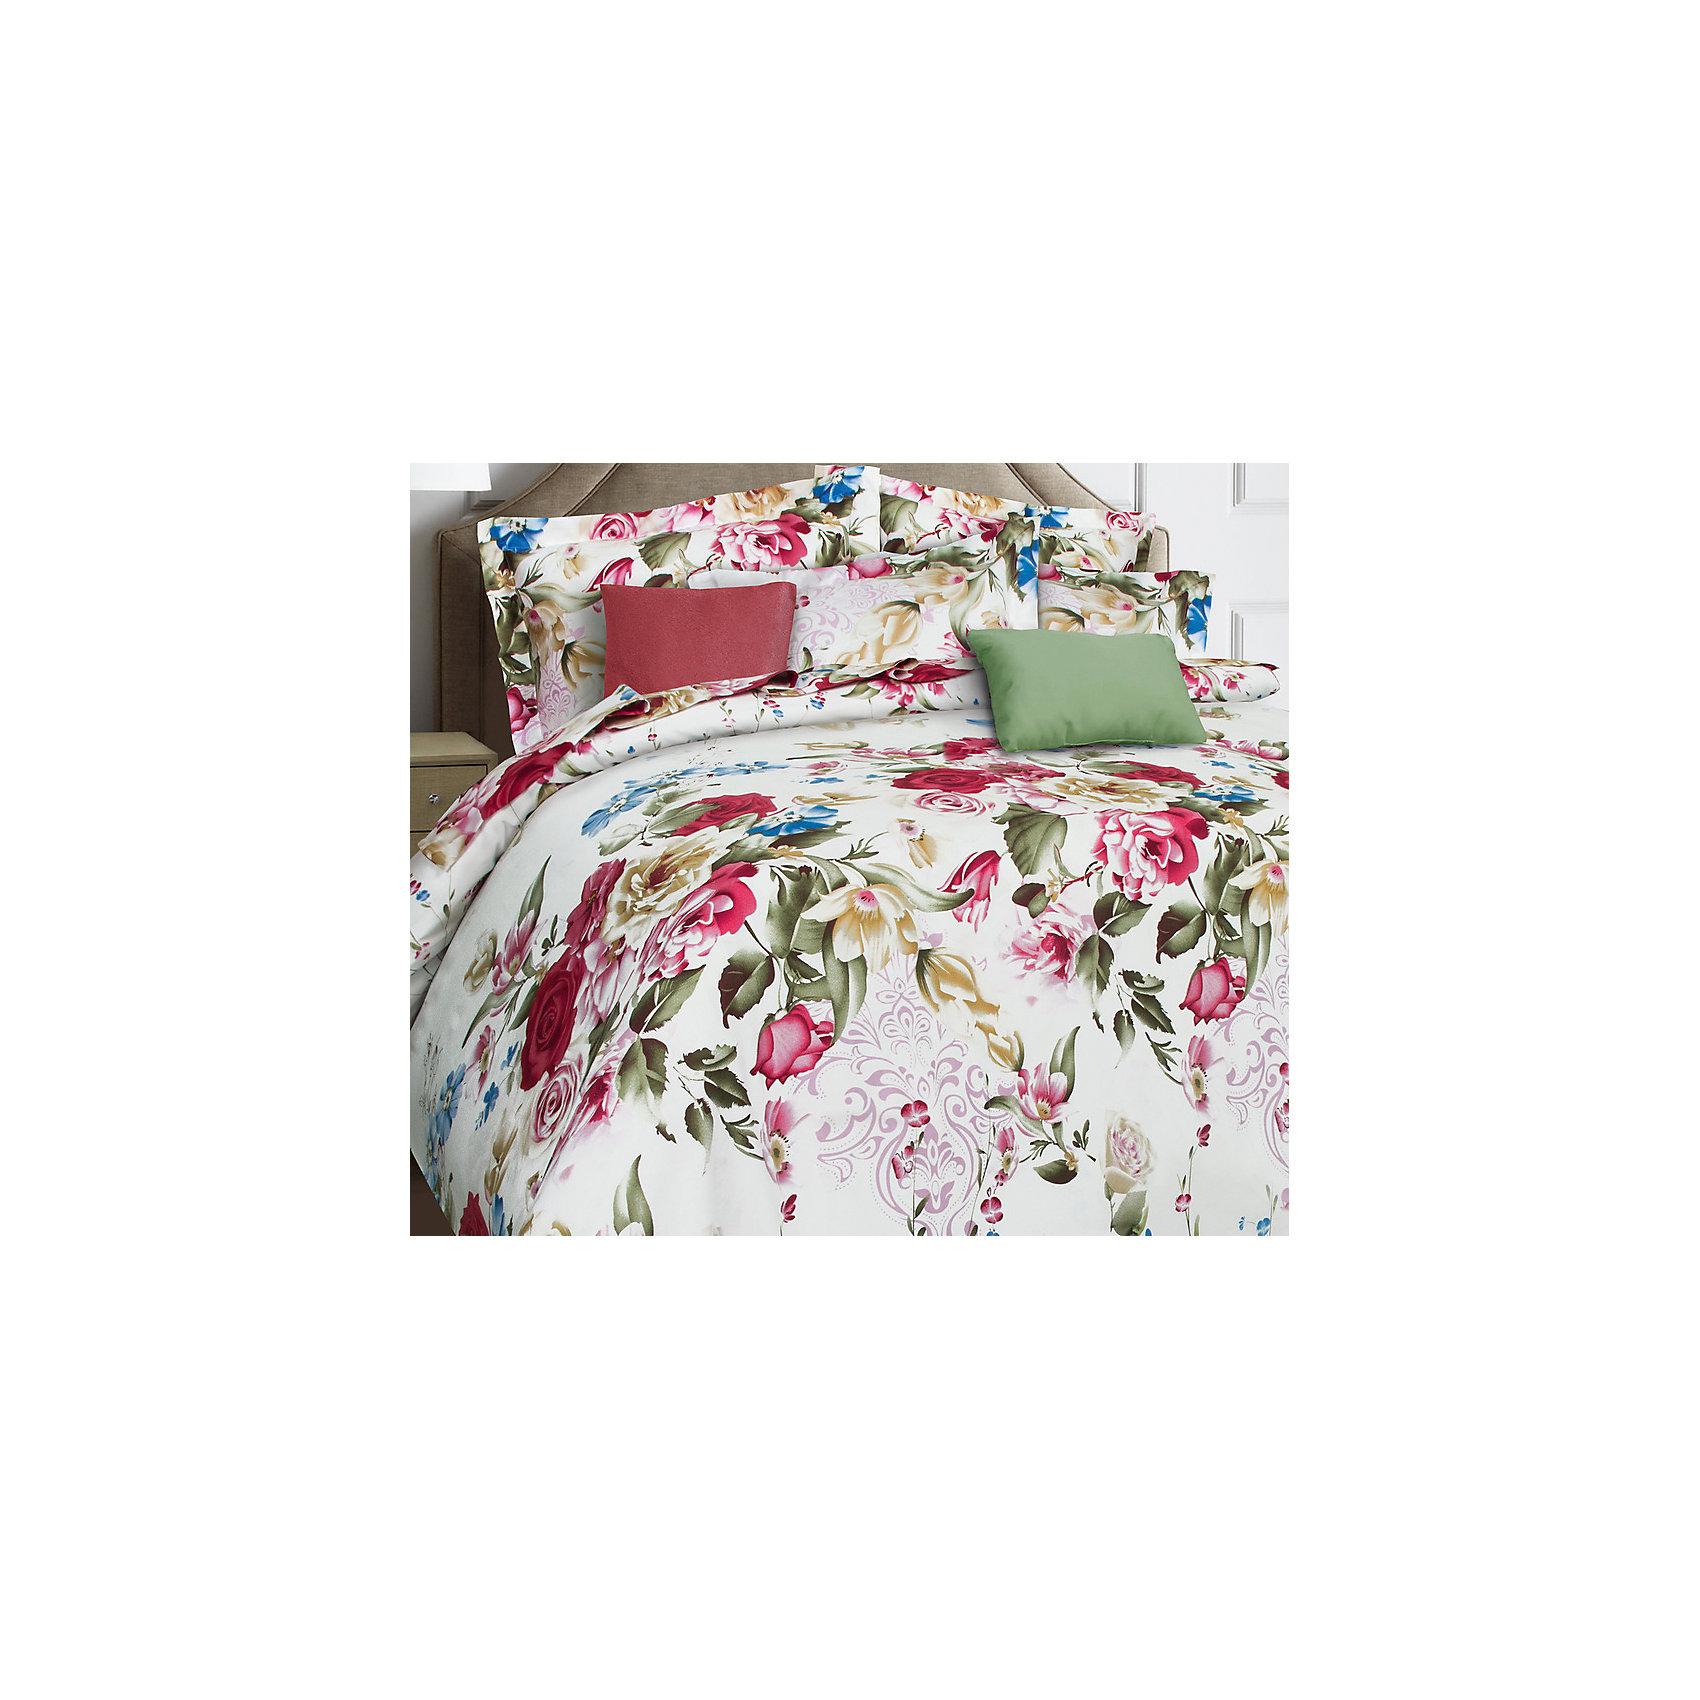 Постельное белье King size Vita, 50*70 70*70 сатин, Mona LizaДомашний текстиль<br>Характеристики:<br><br>• Вид домашнего текстиля: постельное белье<br>• Тип постельного белья по размерам: King size<br>• Серия: Mona Liza Premium<br>• Сезон: круглый год<br>• Материал: сатин <br>• Цвет: розовый, белый, красный, желтый<br>• Комплектация: <br> пододеяльник – 1 шт. 200*220 см <br> простынь – 1 шт. 240*260 см<br> наволочки – 4 шт. (2 шт. 70*70 см и 2 шт. 50*70 см)<br>• Тип упаковки: книжка <br>• Вес в упаковке: 3 кг 100 г<br>• Особенности ухода: машинная стирка при температуре 30 градусов<br><br>Постельное белье King size Vita 50*70 70*70 сатин, Mona Liza изготовлено под отечественным торговым брендом, выпускающим постельное белье из натуральных тканей. Комплект выполнен из сатина, обладающего особой мягкостью, шелковистостью поверхности, хорошими износоустойчивыми свойствами. Изделия из сатина очень долгое время сохраняютформу и фактуру даже при частых стирках. Комплектсостоит из 6-ти предметов: простыни, пододеяльника и четырех наволочек. Комплект выполнен в стильном дизайне с изображением цветочного рисунка.<br>Постельное белье King size Vita 50*70 70*70 сатин, Mona Liza – домашний текстиль, соответствующий международным стандартам качества и безопасности!<br><br>Постельное белье King size Vita 50*70 70*70 сатин, Mona Liza можно купить в нашем интернет-магазине.<br><br>Ширина мм: 290<br>Глубина мм: 90<br>Высота мм: 370<br>Вес г: 3000<br>Возраст от месяцев: 84<br>Возраст до месяцев: 1188<br>Пол: Женский<br>Возраст: Детский<br>SKU: 5165658